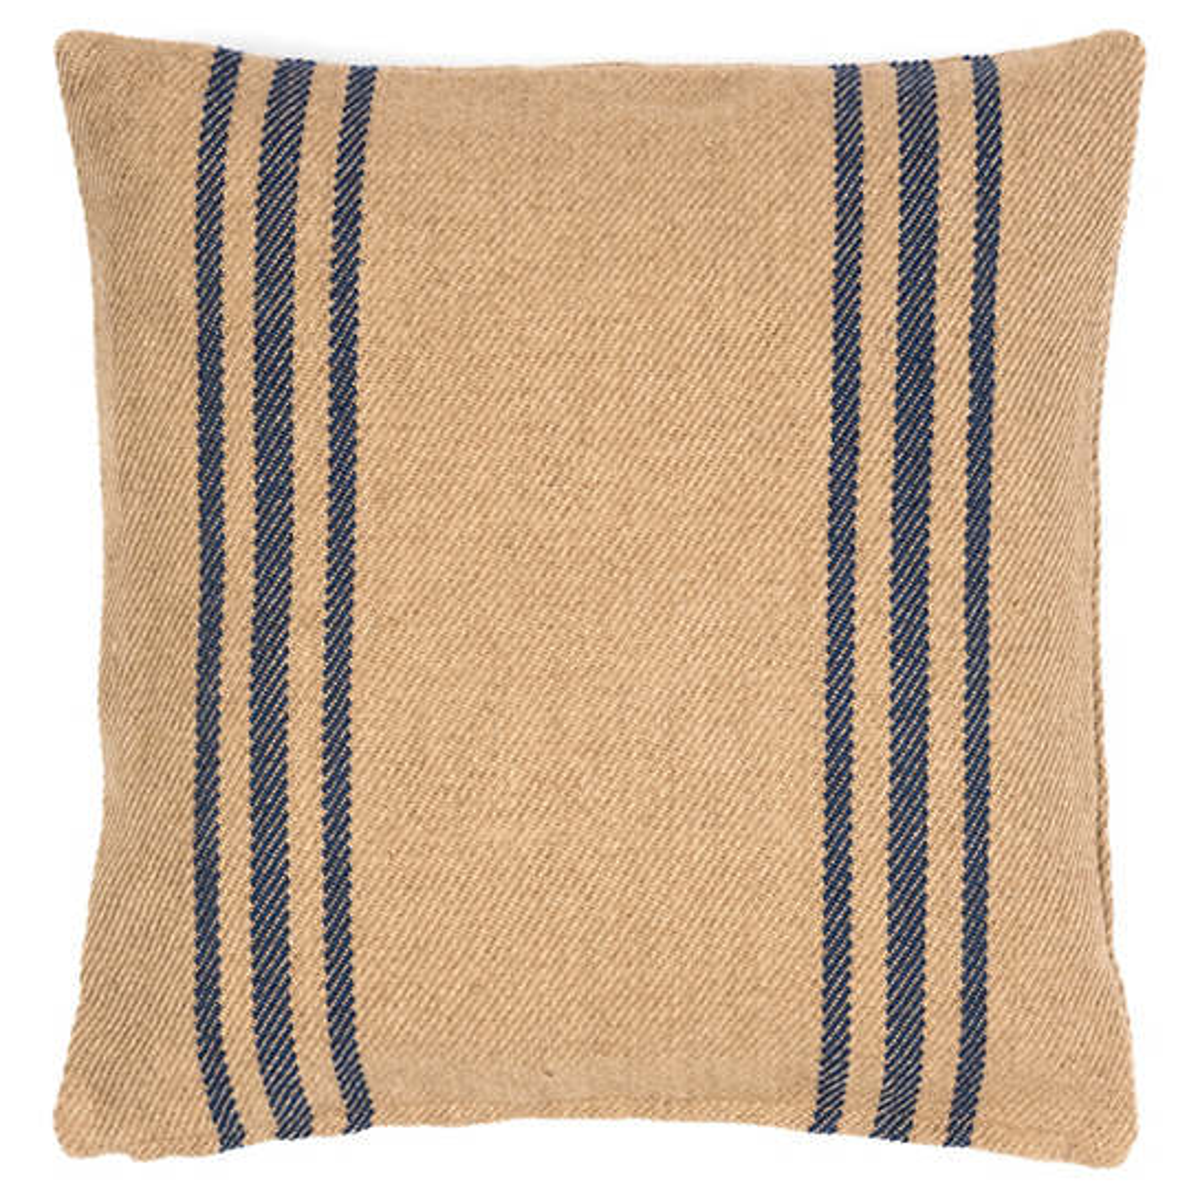 Lexington Navy/Camel Indoor/Outdoor Pillow